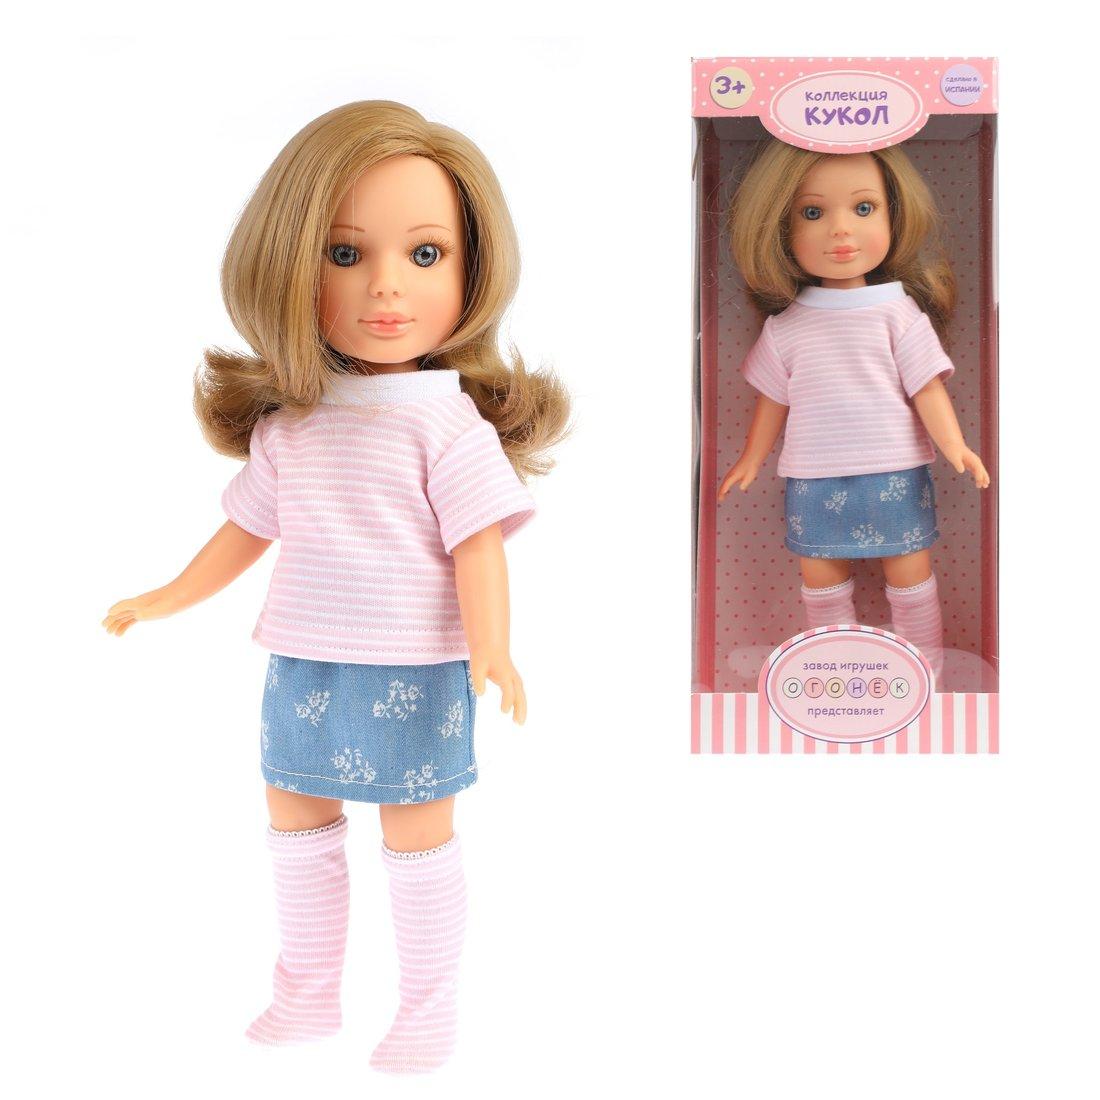 Кукла Арина блондинка